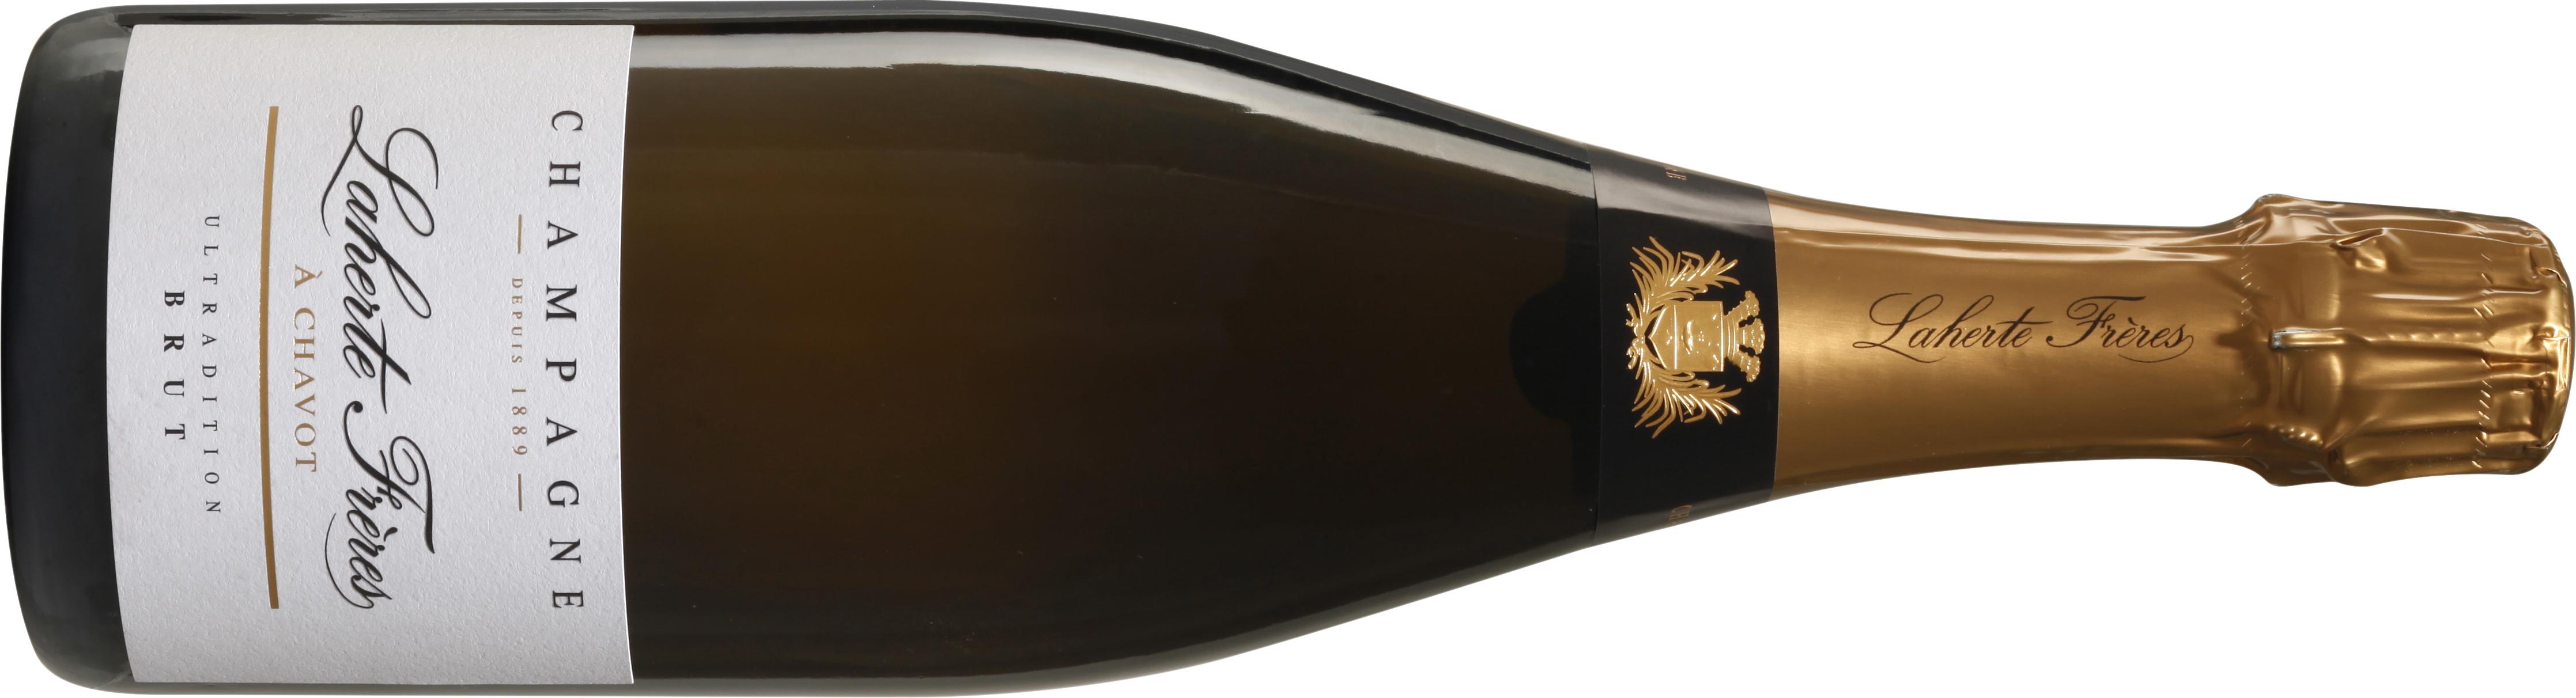 Laherte Freres Champagne